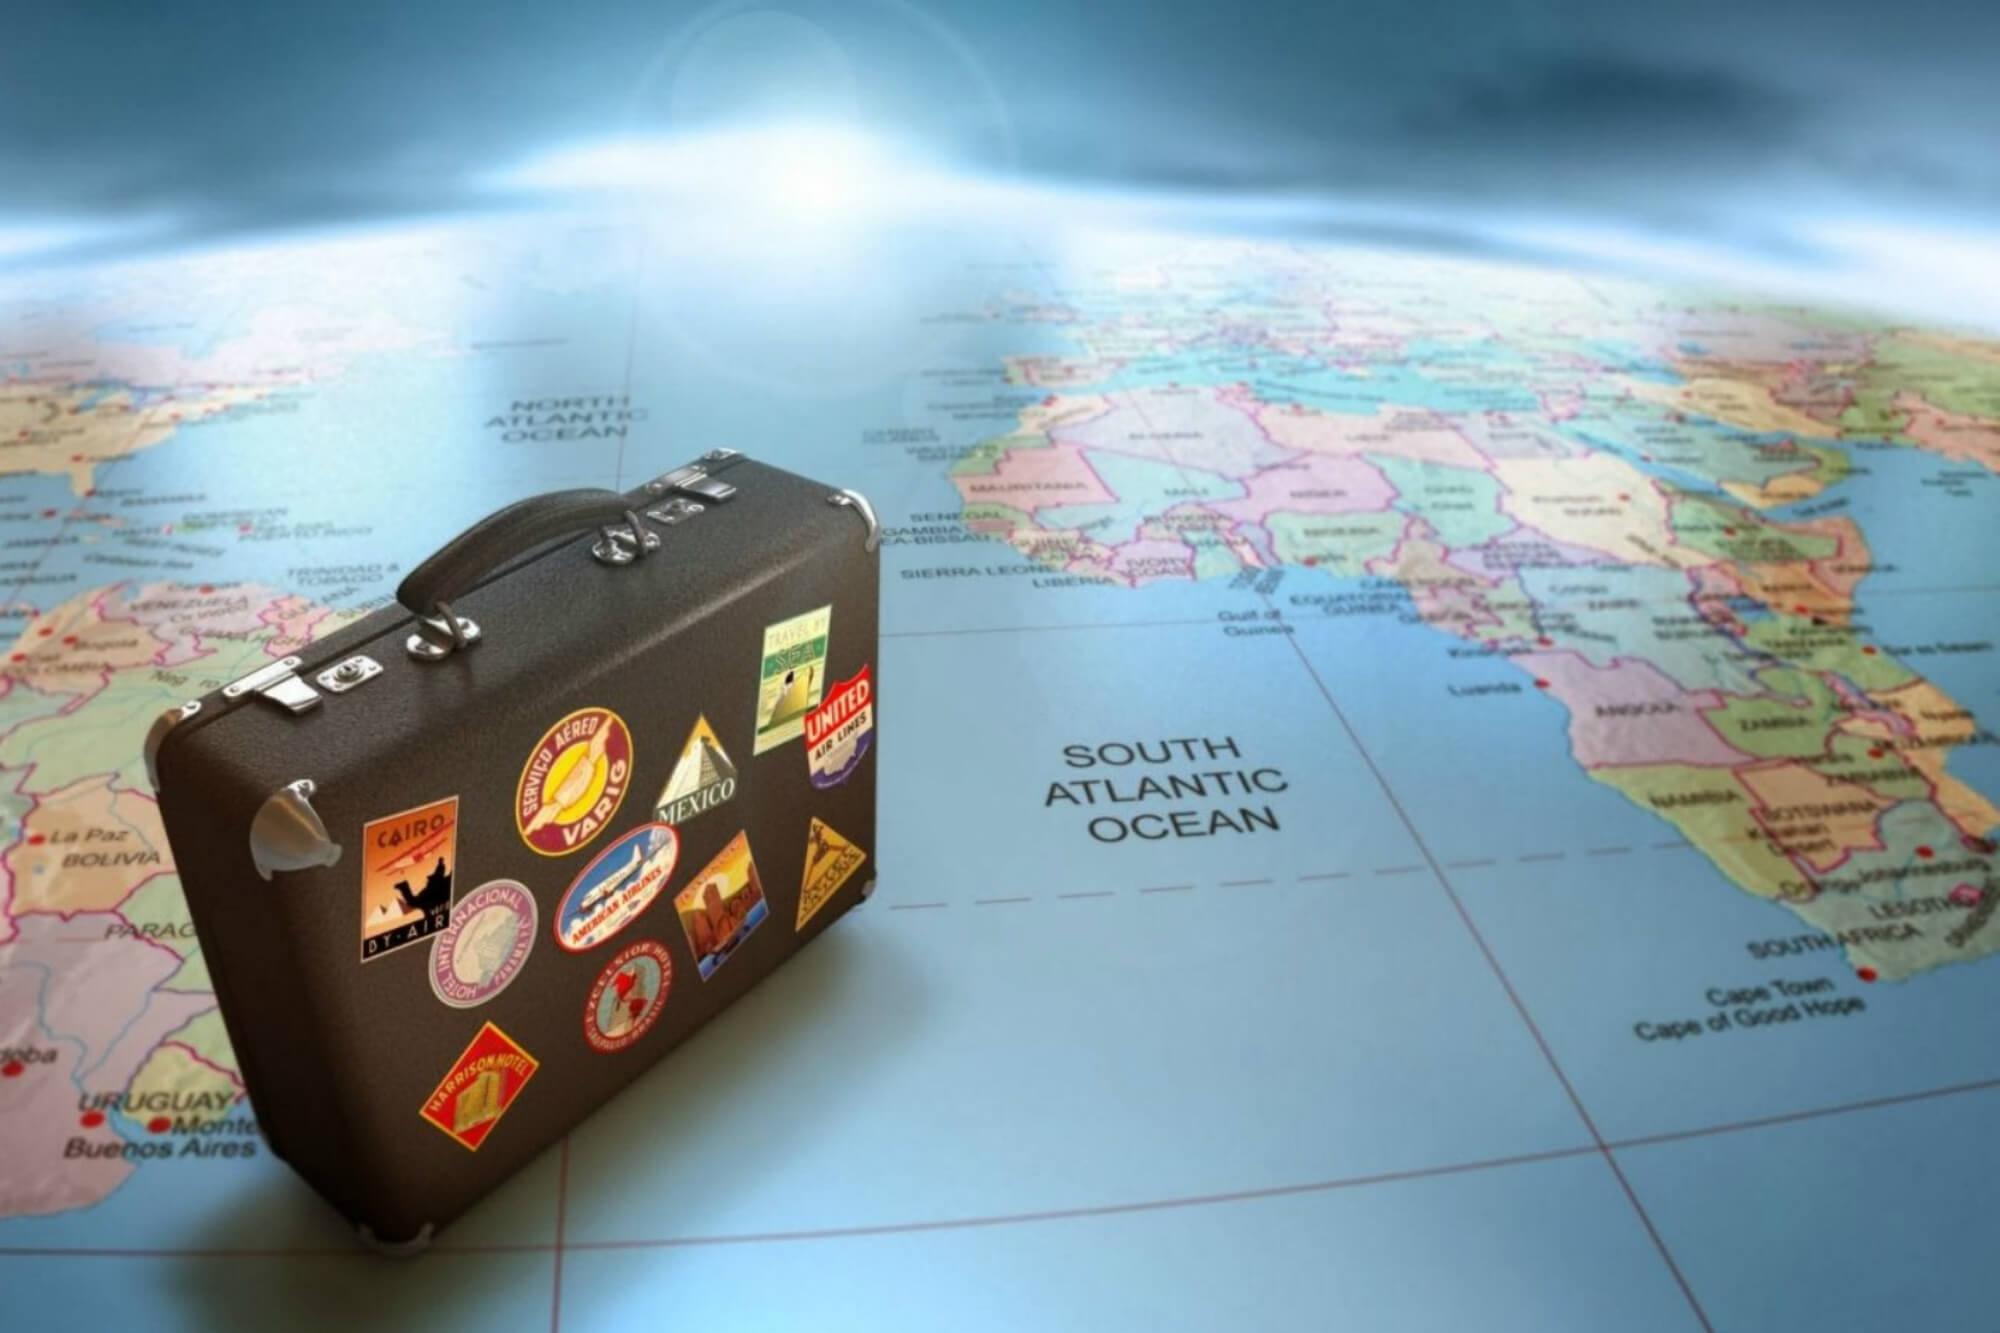 agência de viagens: virtual ou física?